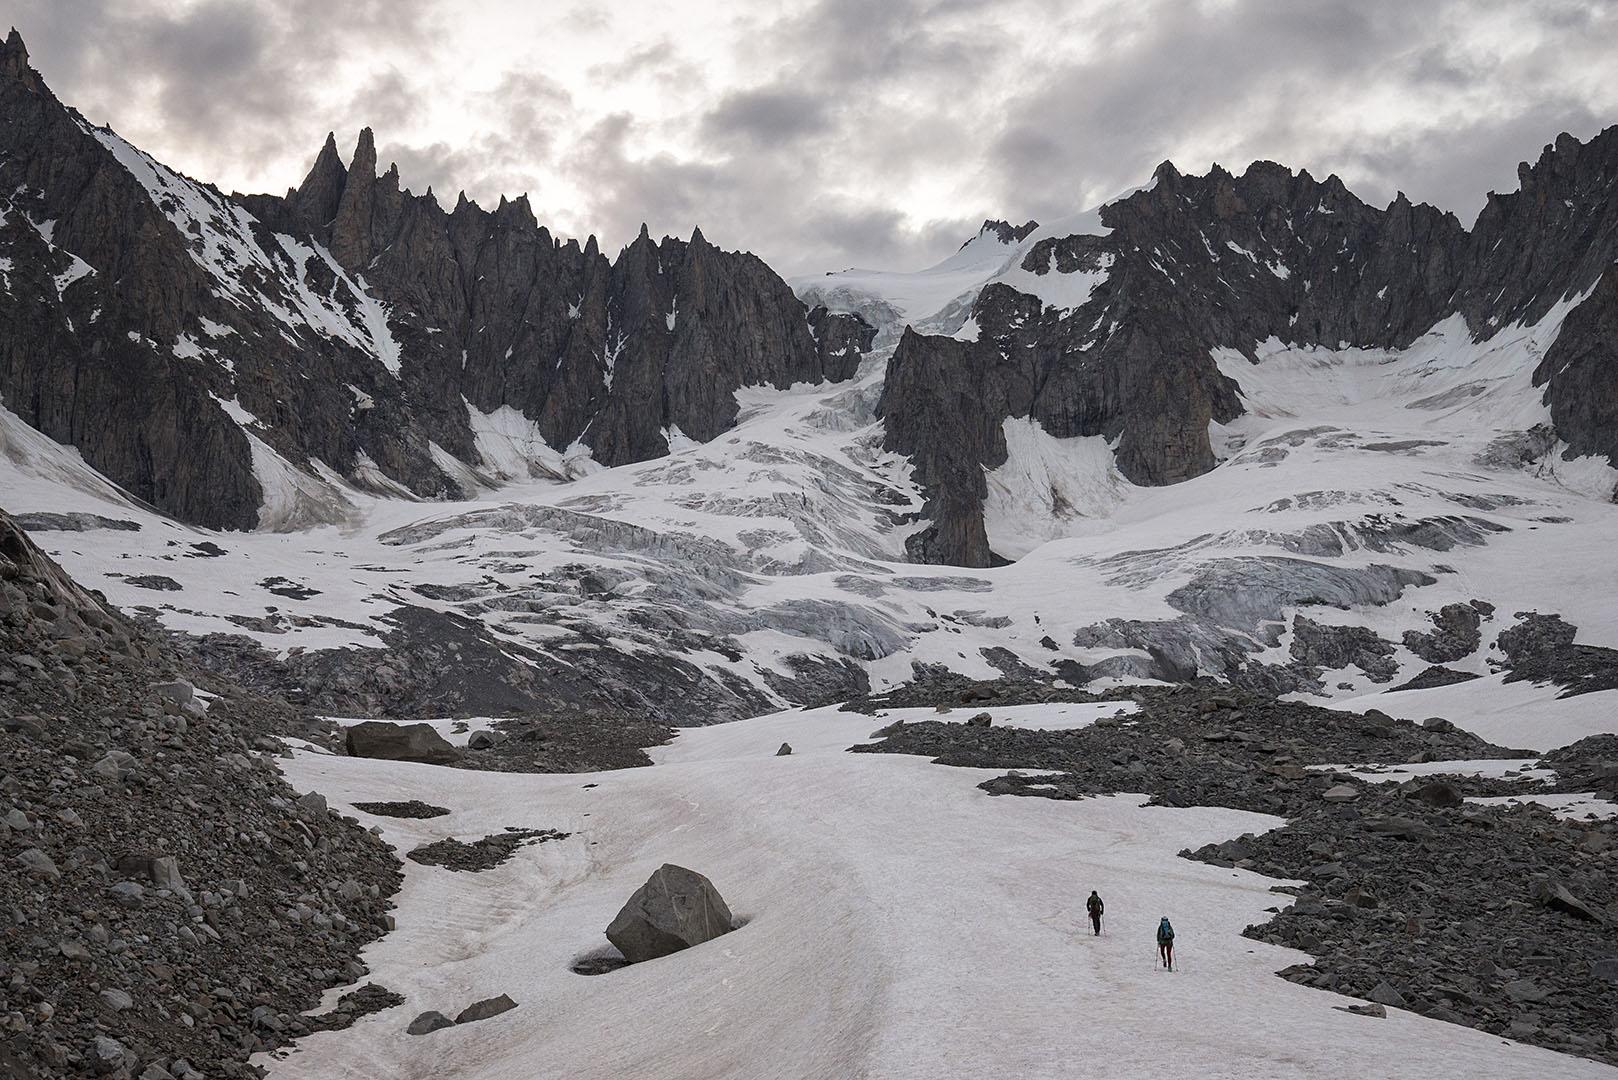 El templo de nuestro culto - Deportes y aventuras - Iñaki Larrea, Fotografía de naturaleza y montaña